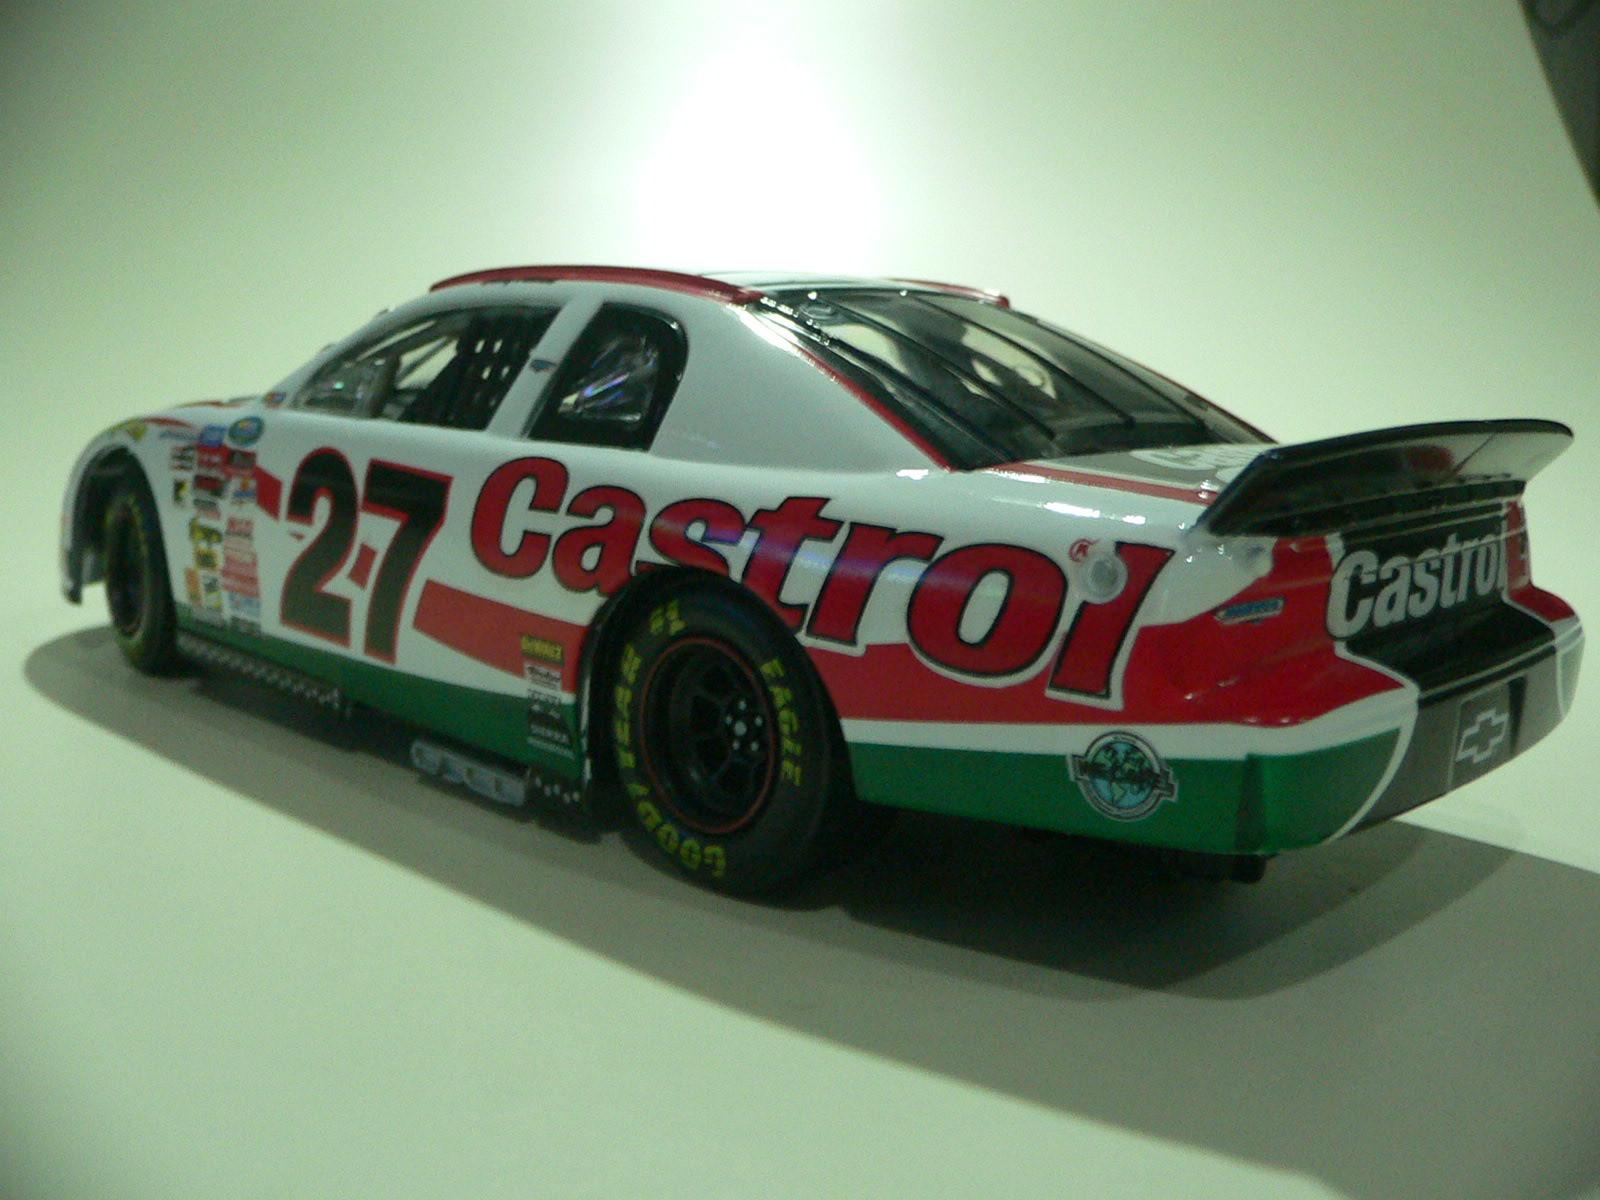 Chevy Monte Carlo 1999 Castrol GTX Nascar # 27 Casey AtWood Edição Limitada a 3000 unidades